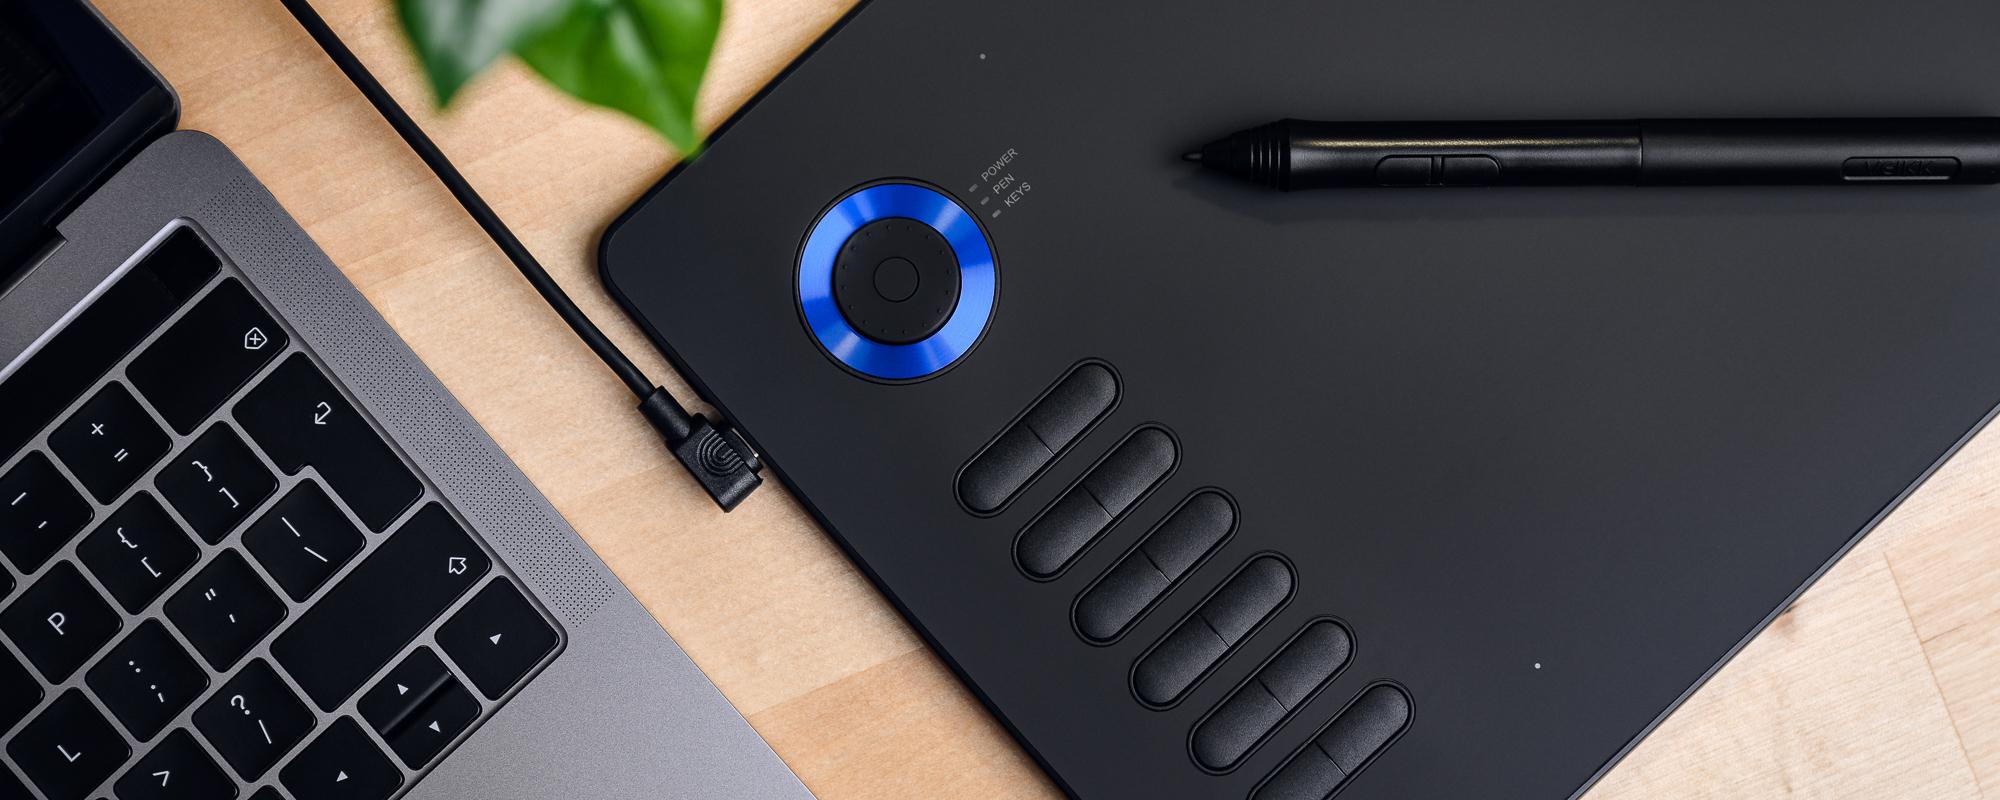 Zdjęcie - tablet graficzny Veikk A15 Pro na jasnobrązowym biurku obok klawiatury